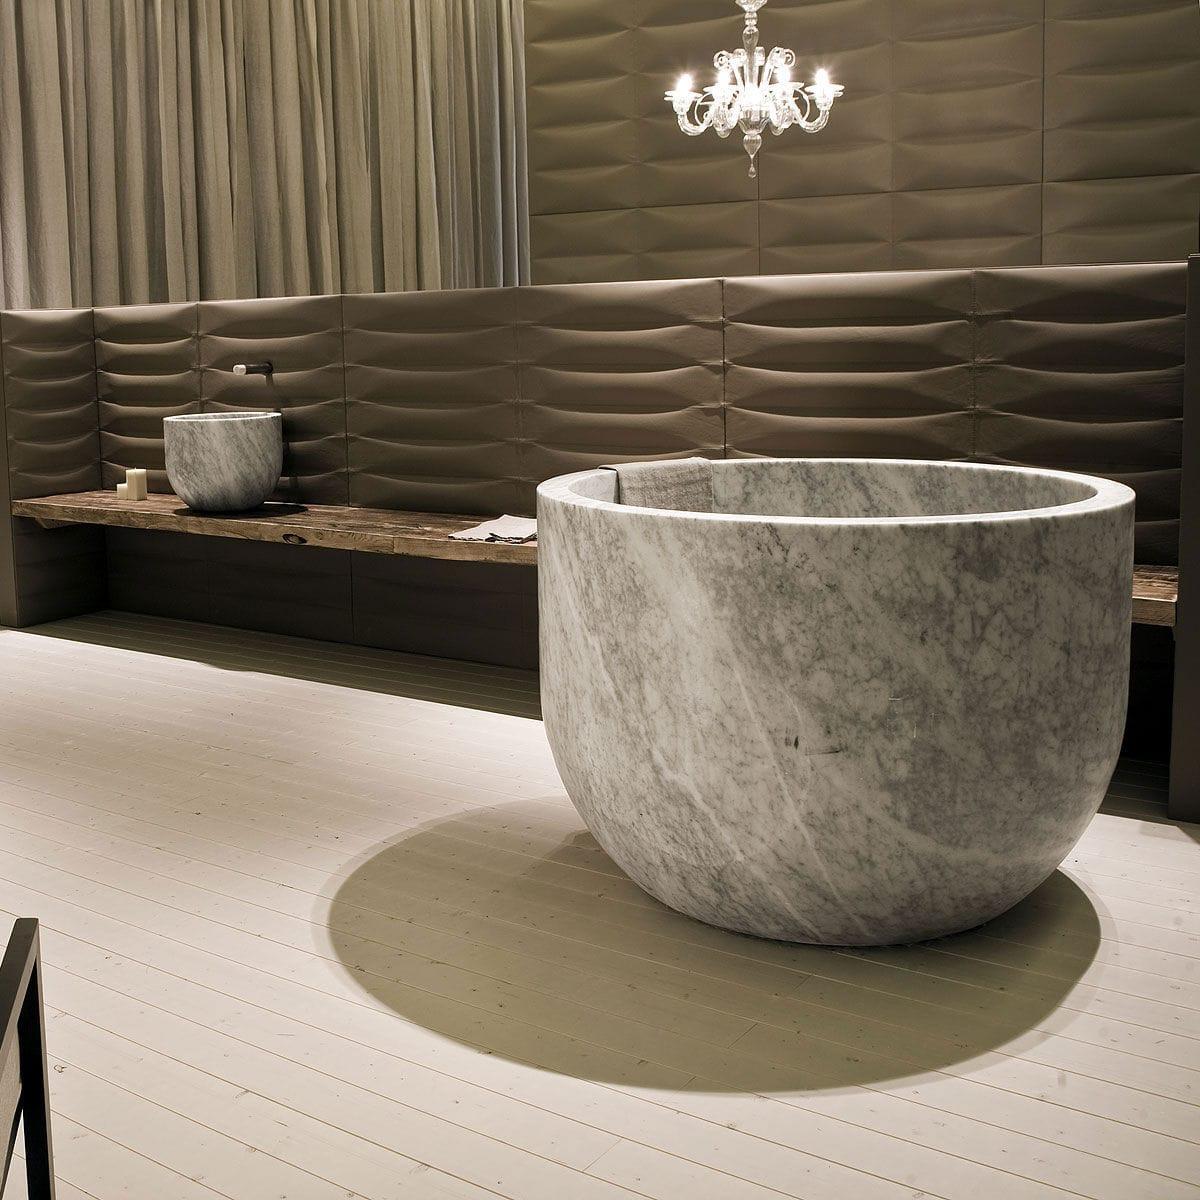 vasca da bagno da appoggio ovale in pietra naturale in marmo ciotola by marco w fagioli ed emanuel gargano